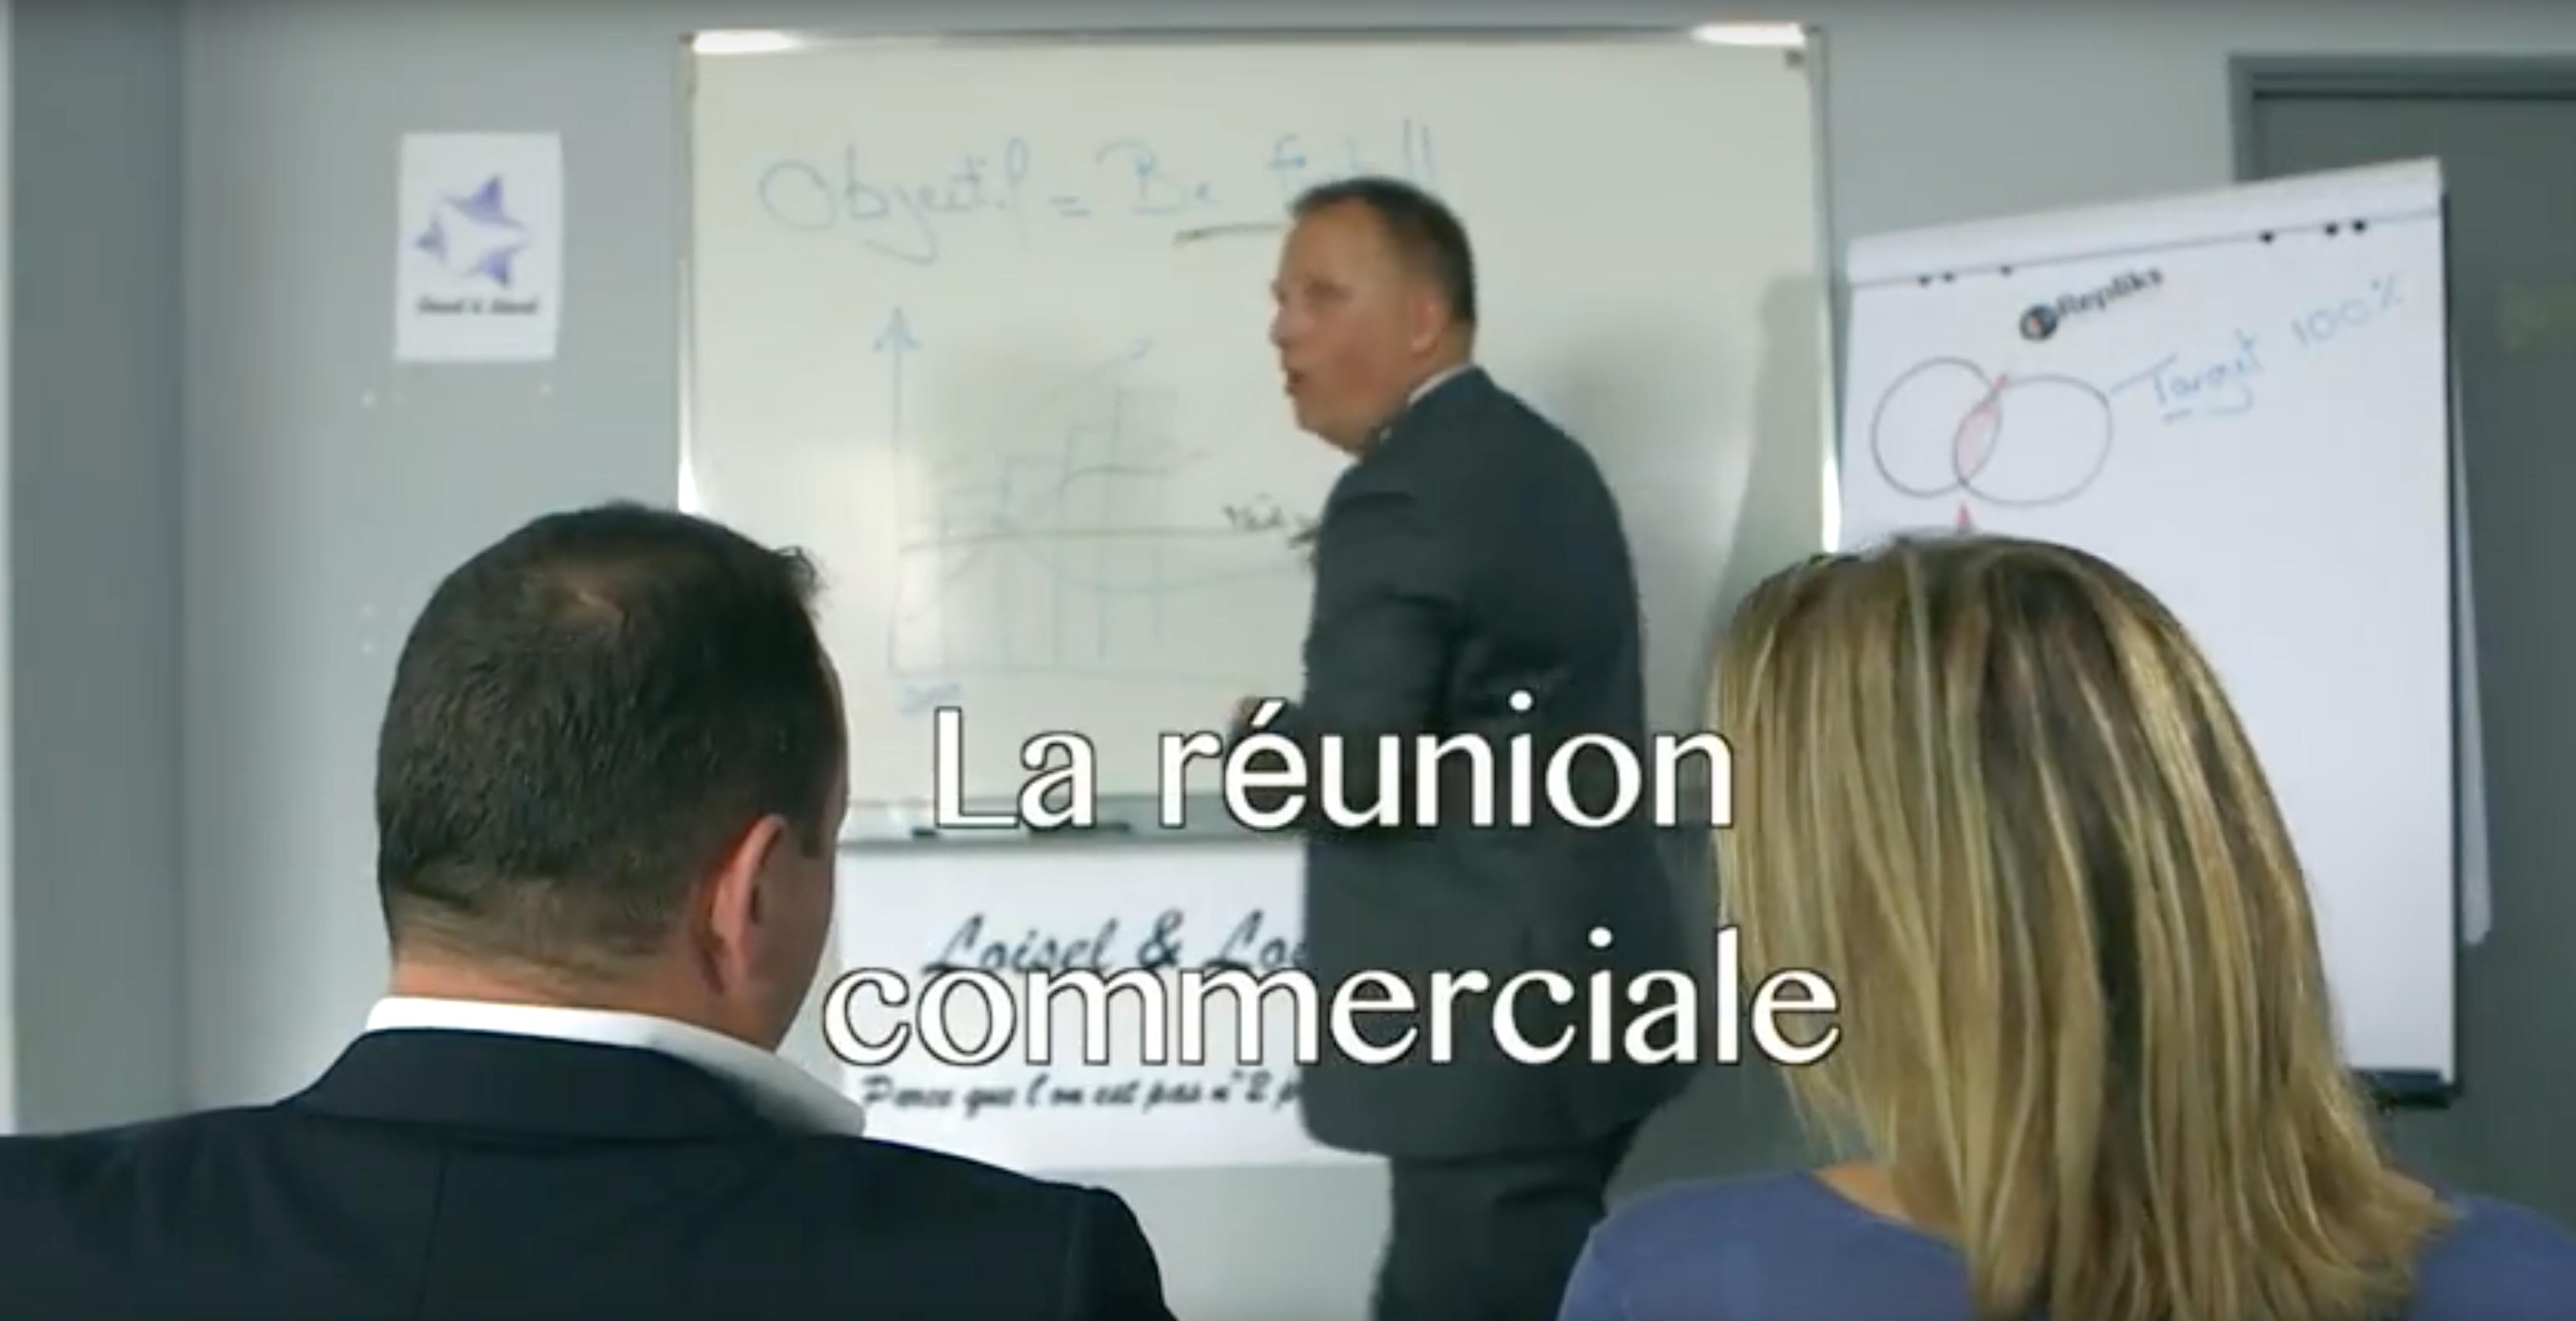 Le manager et la réunion commerciale by Repliks